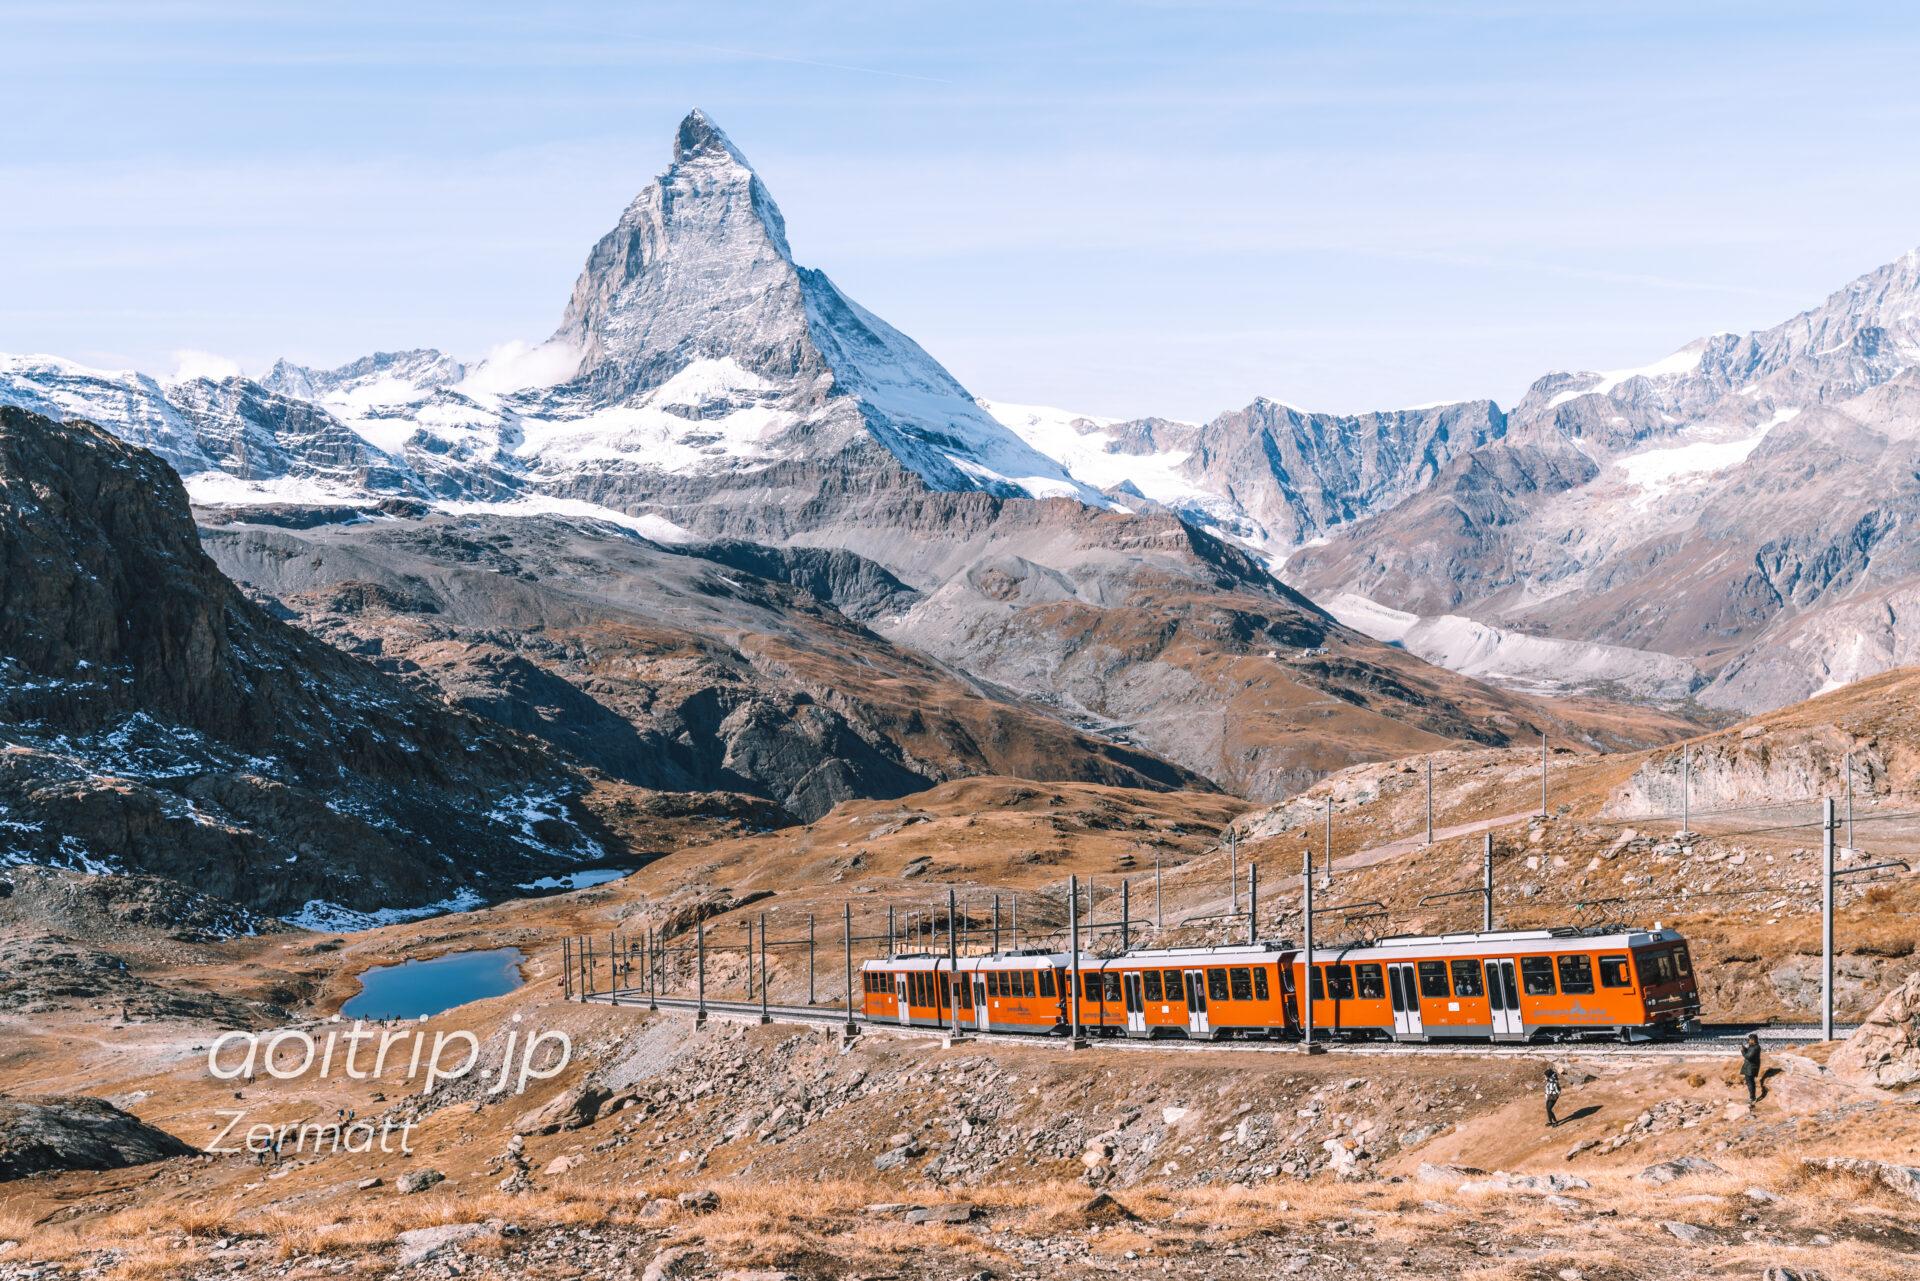 ゴルナーグラート鉄道とマッターホルン